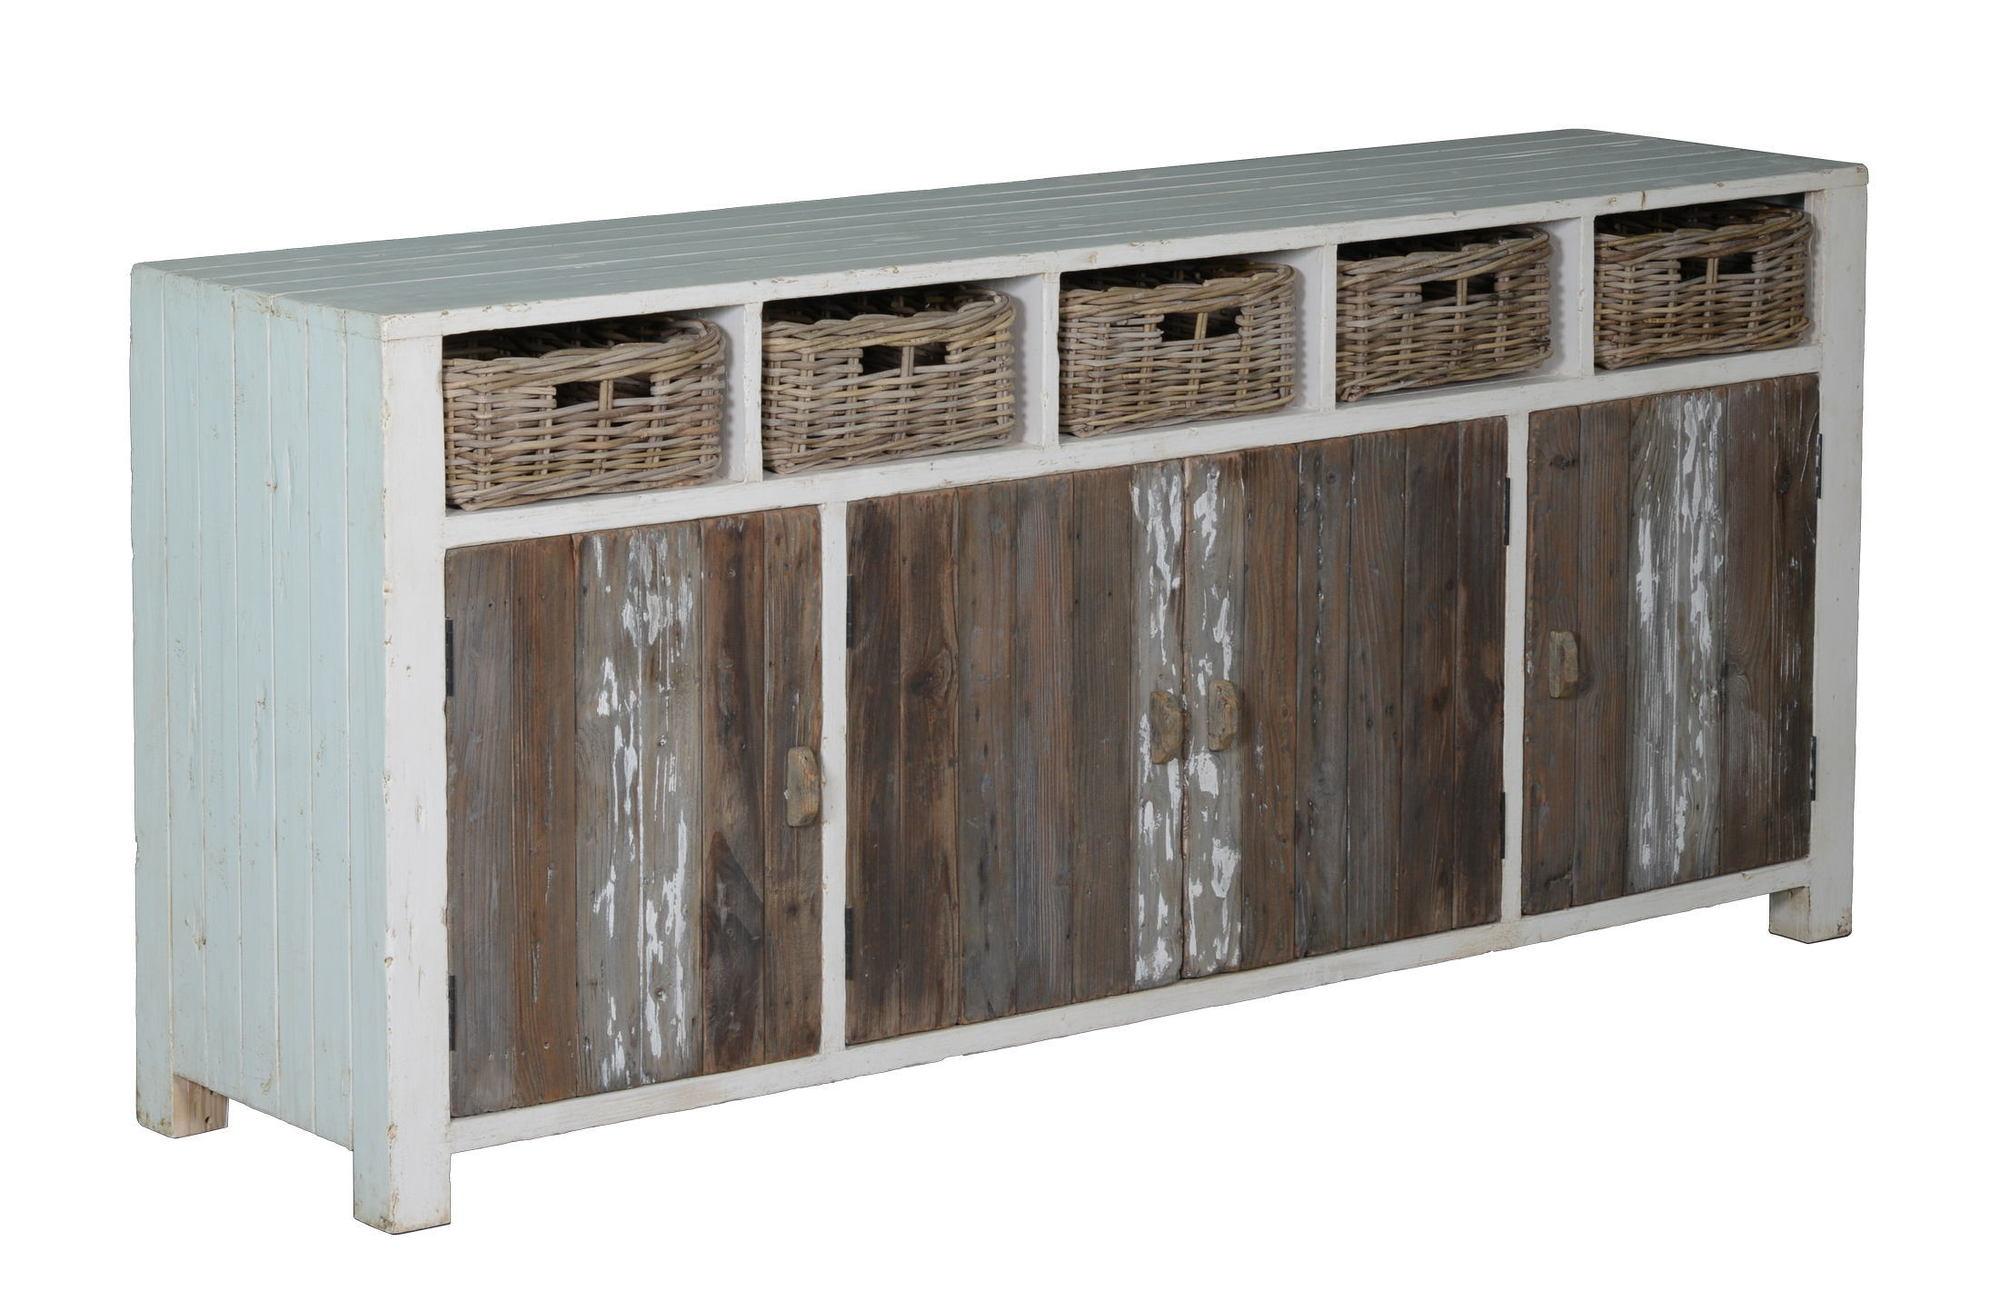 kasten-daan-dressoir-towerliving-200cm-KL 0100-grenen-oud wit-grijs-vintage-manden